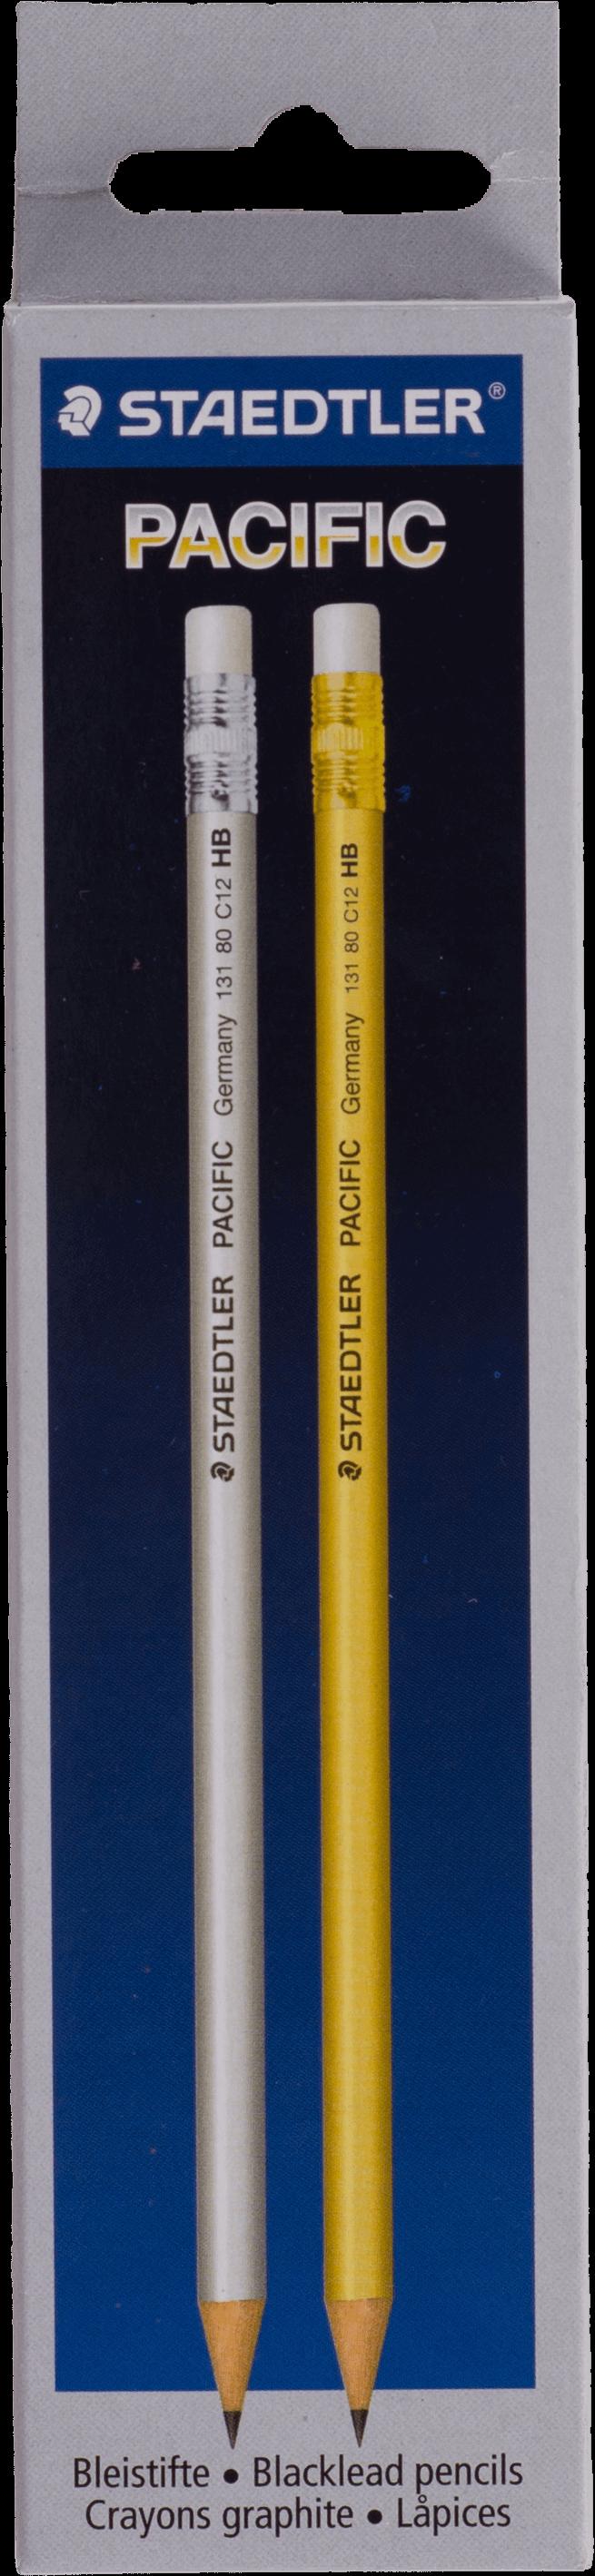 ดินสอดำ HB Staedtler Pacific #132 80